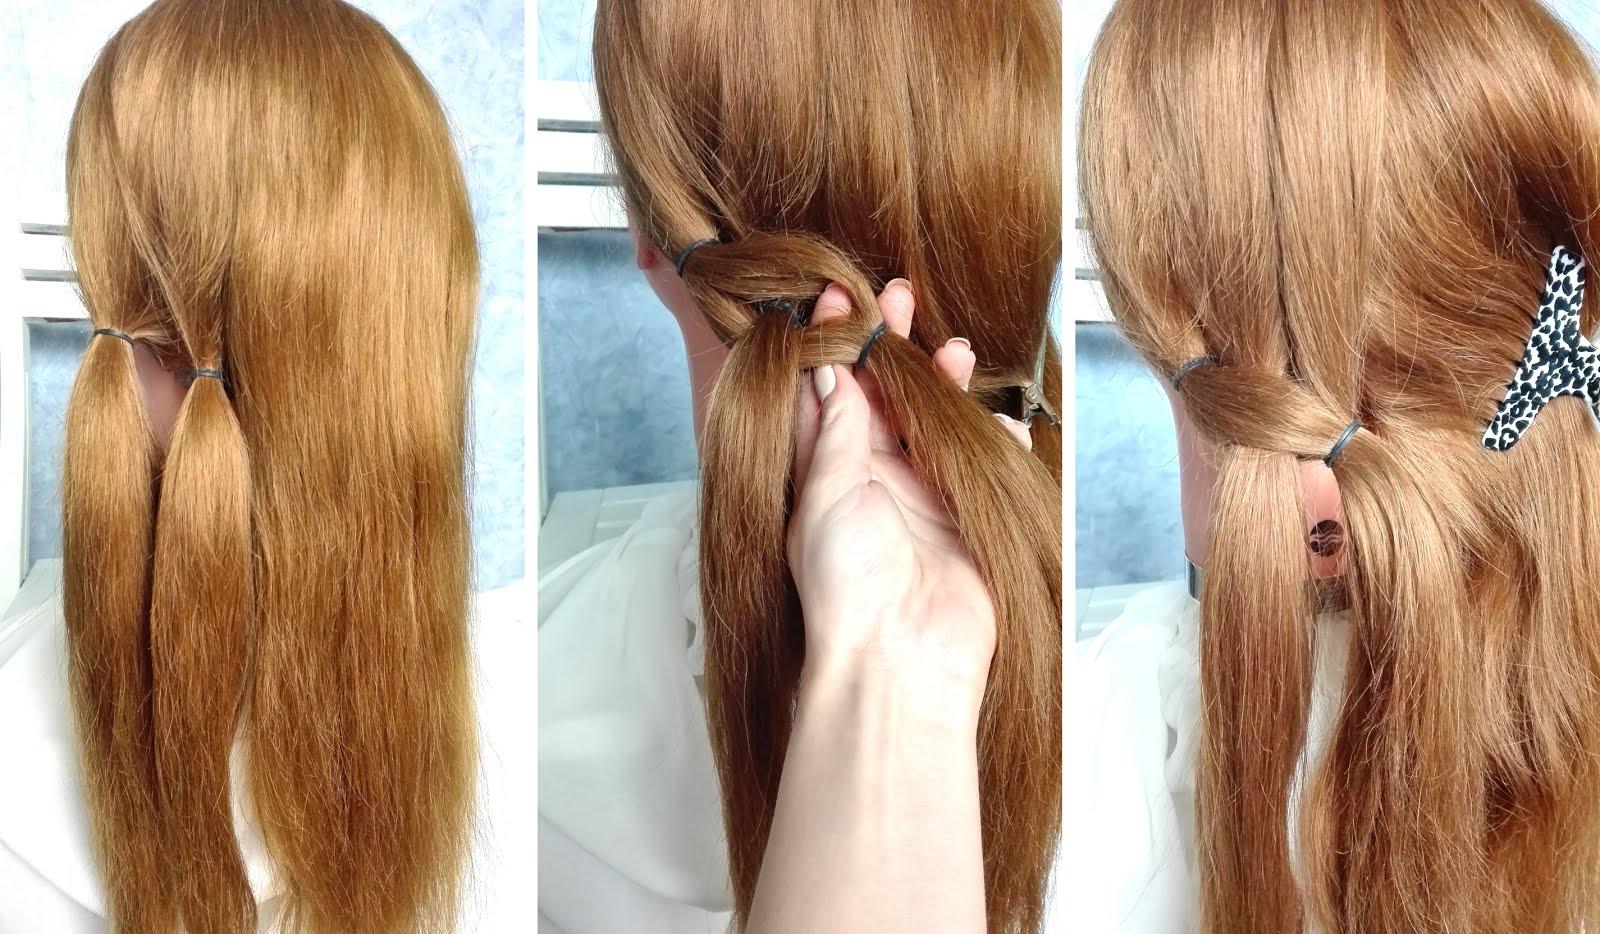 3 Fryzury Z Oszukanym Warkoczem Krok Po Kroku Hair By Jul Fryzury